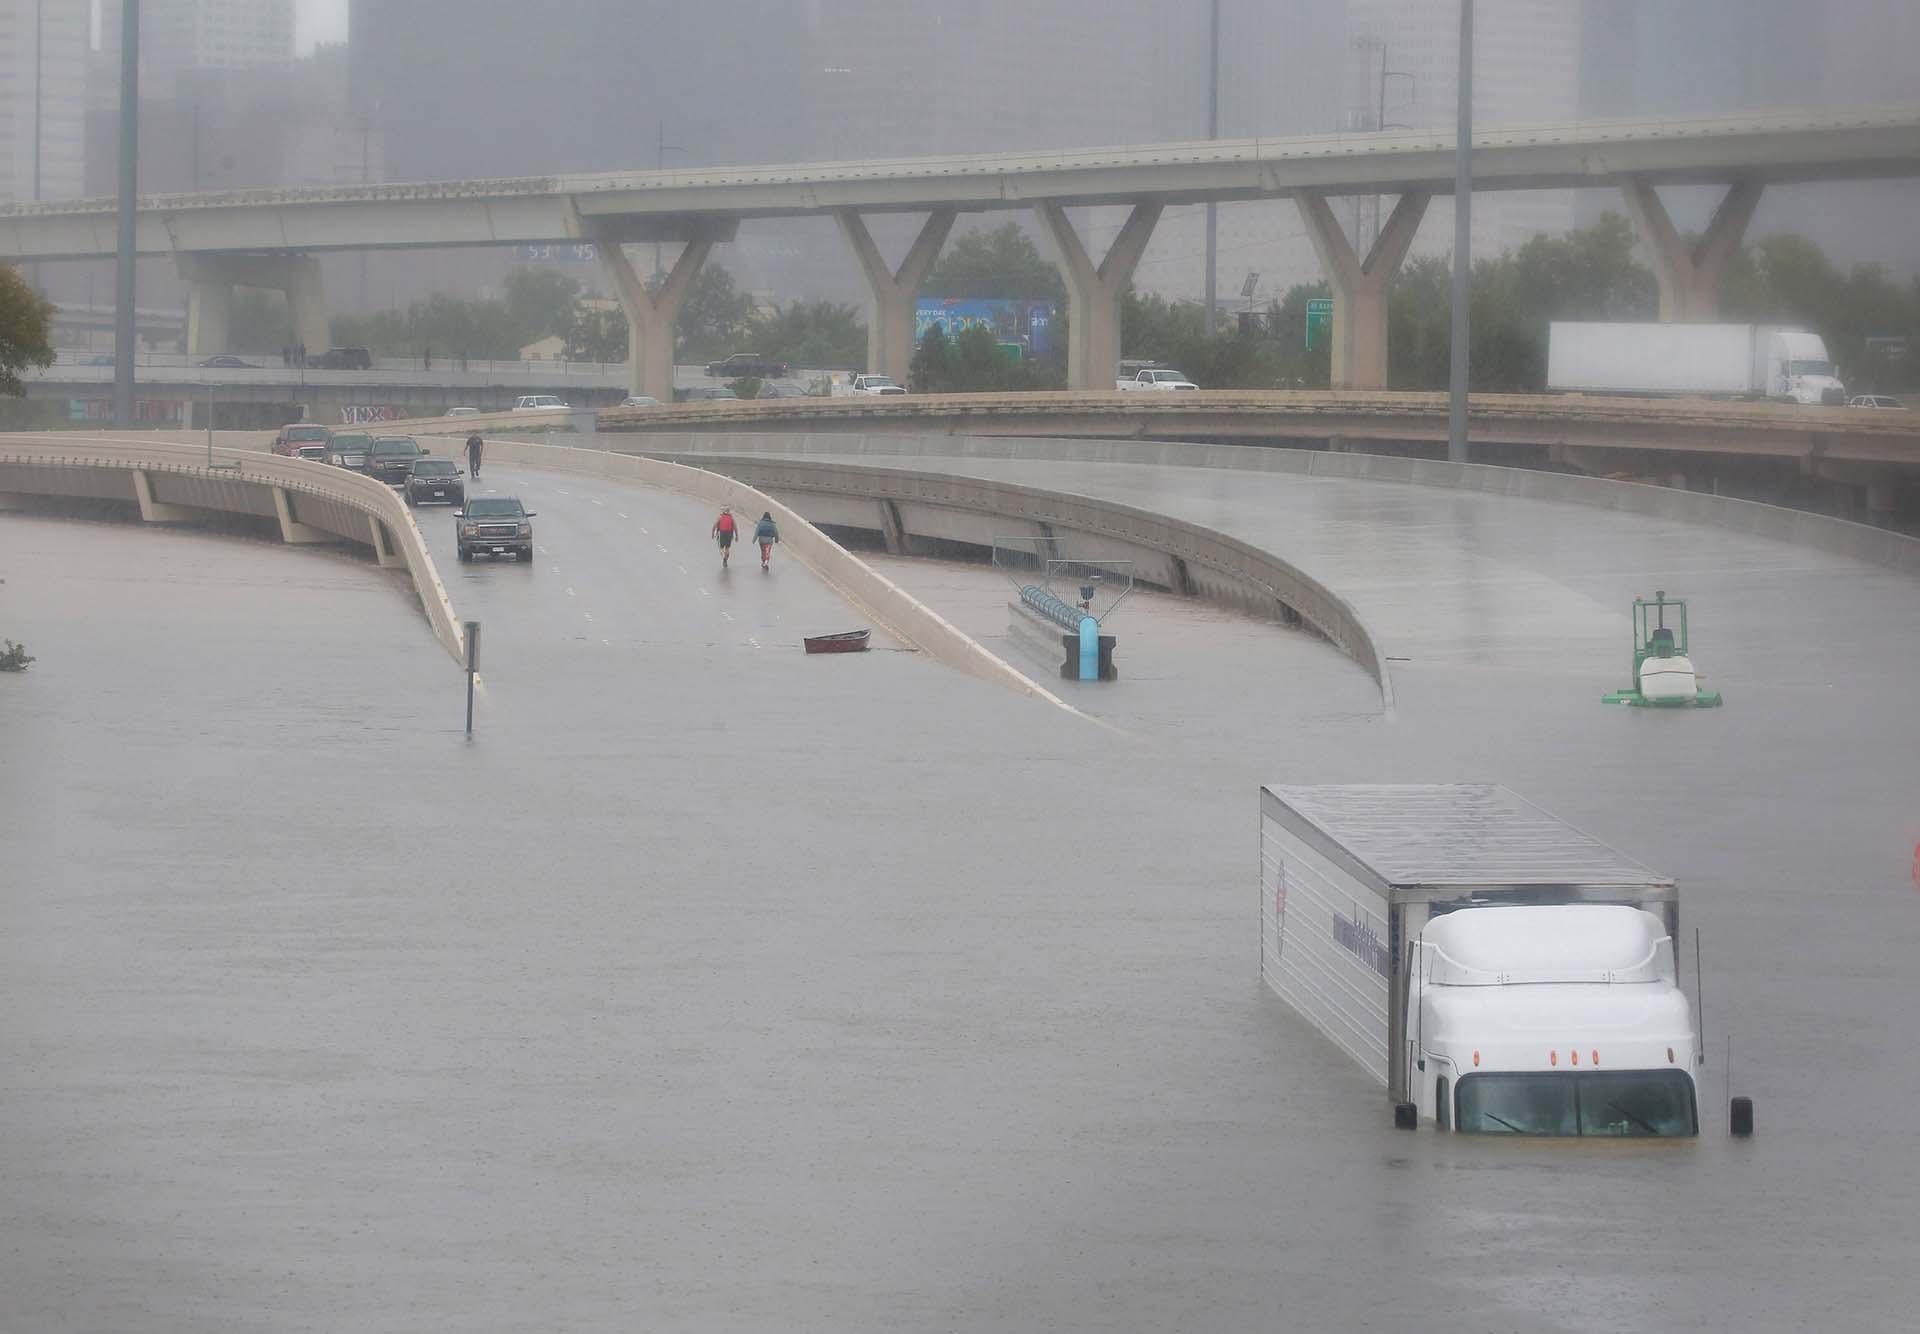 Las calles quedaron completamente tapadas por el agua en Houston (REUTERS)